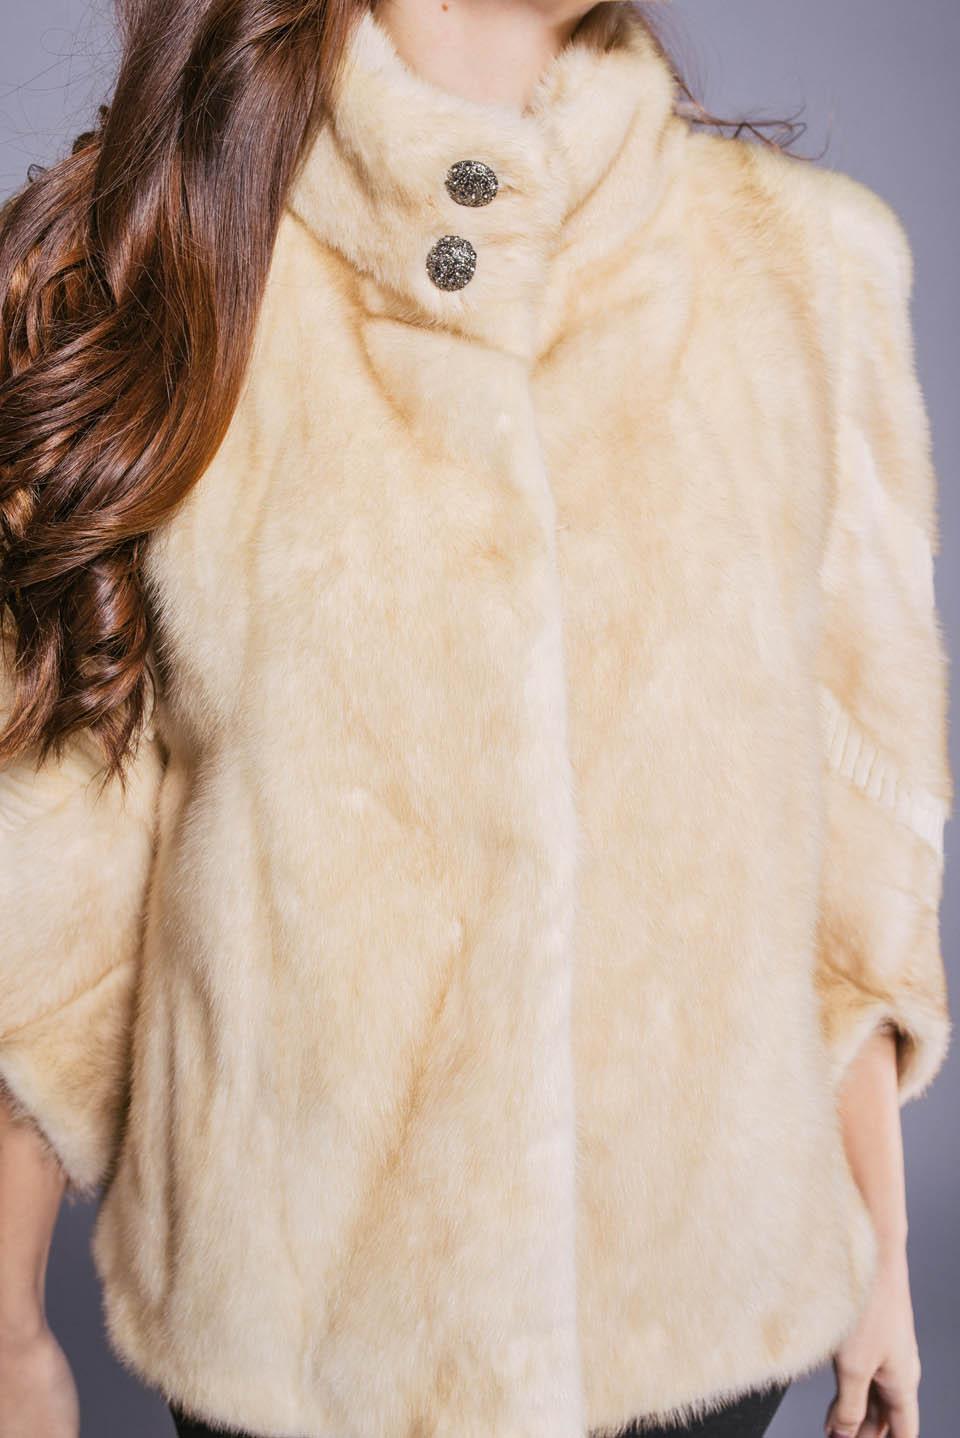 Полушубок из норки, автоледи, женская одежда, купить полушубок из норки, магазин Фараон